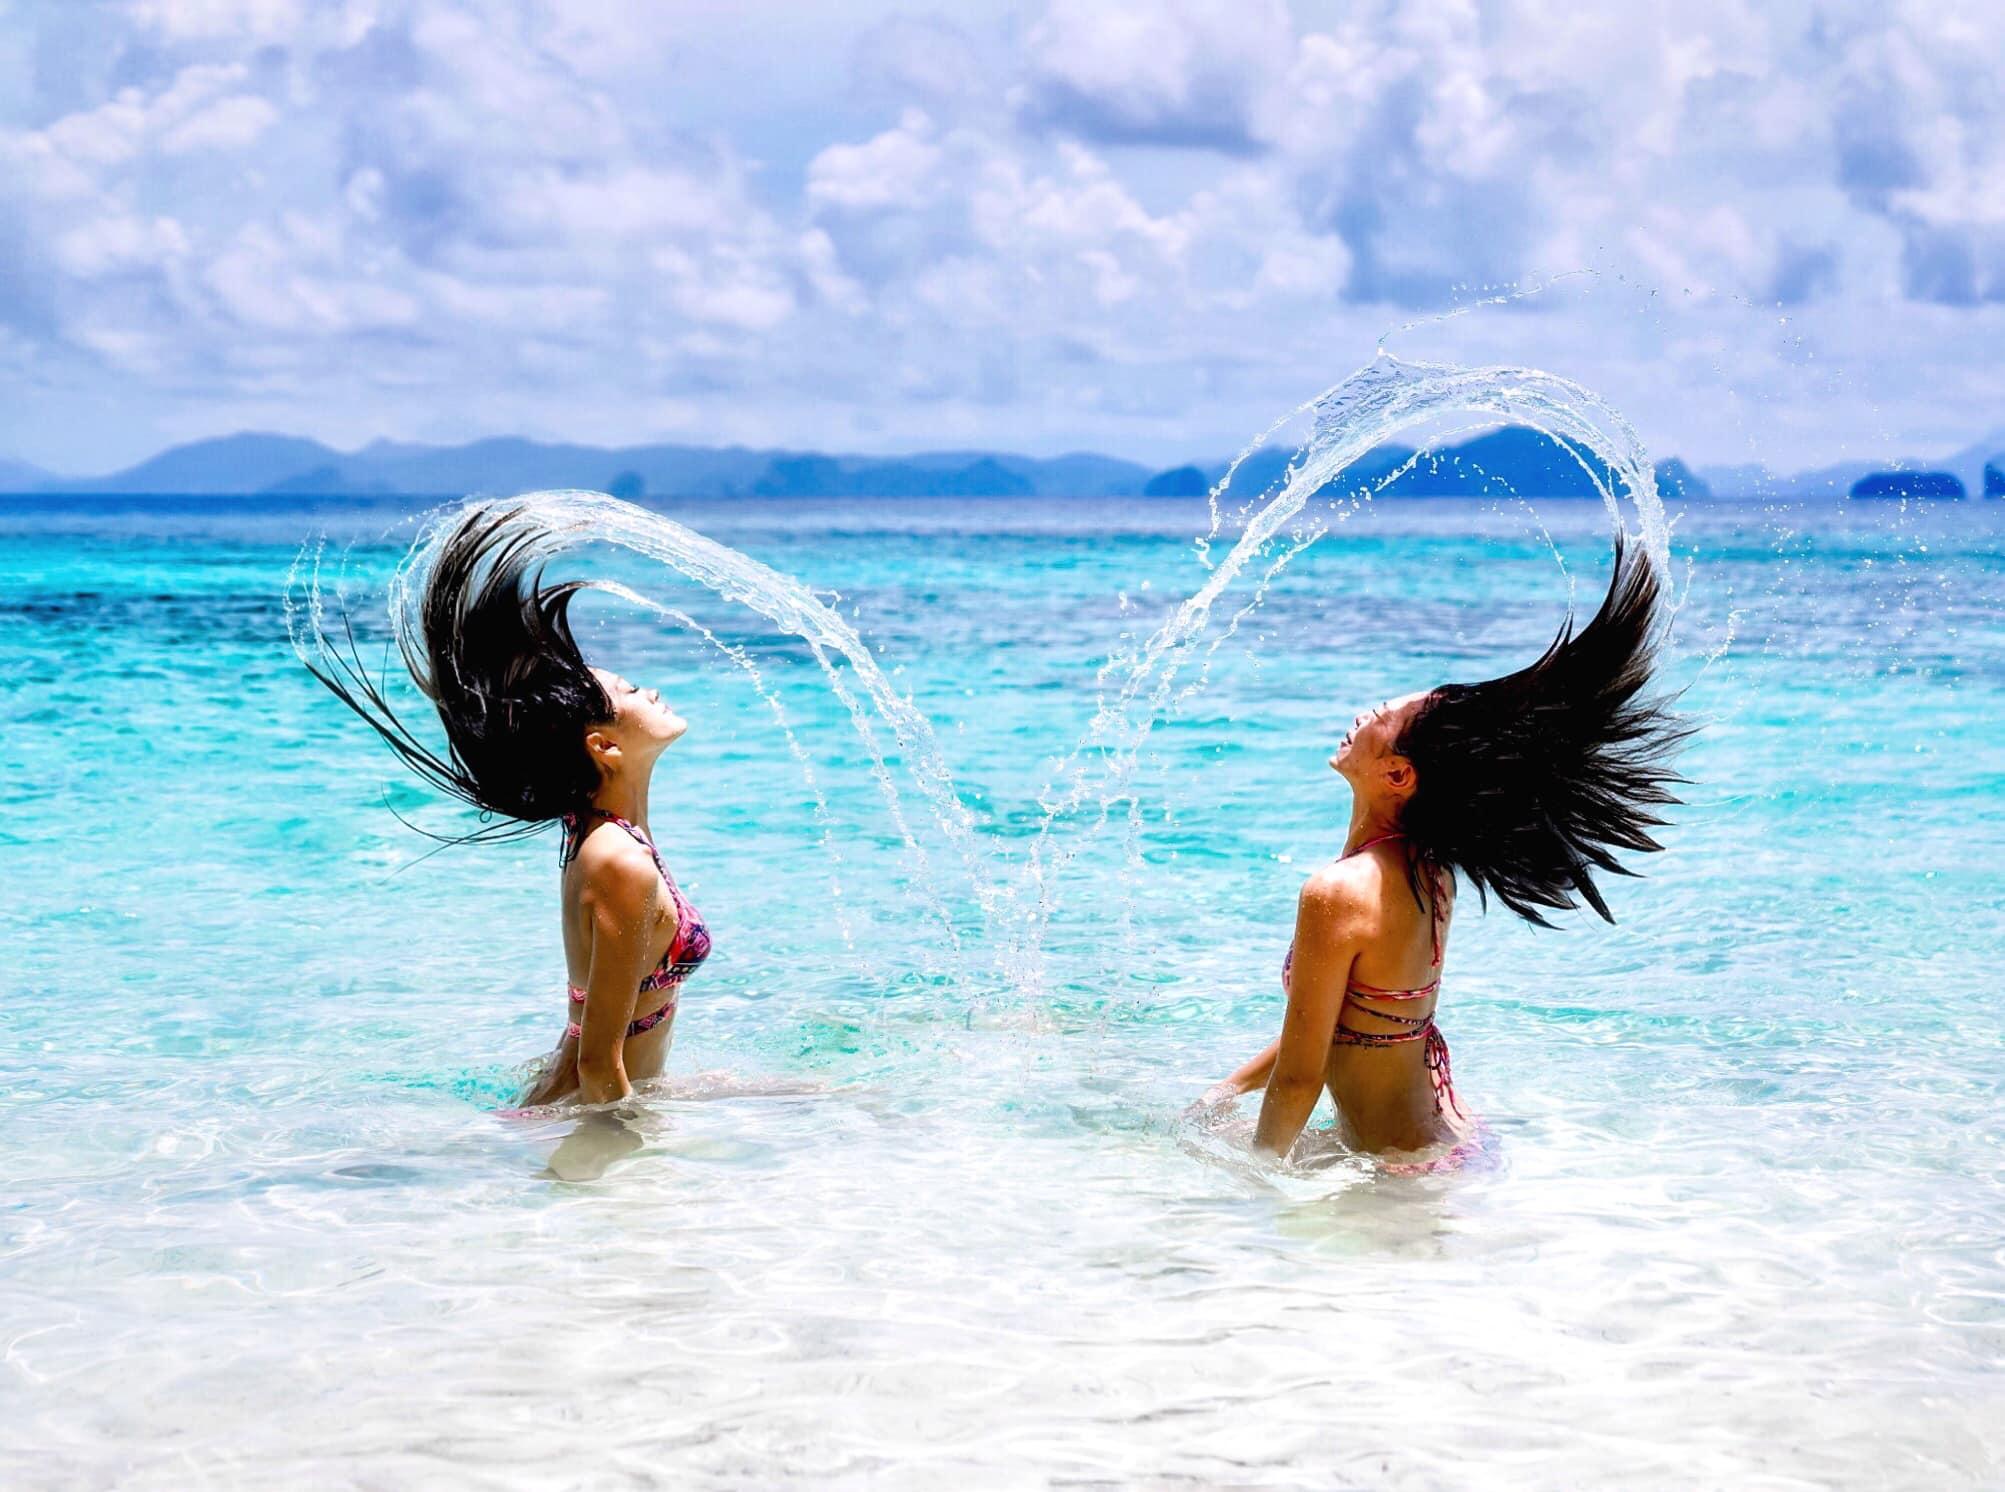 愛妮島實用攻略:水中甩髮美照